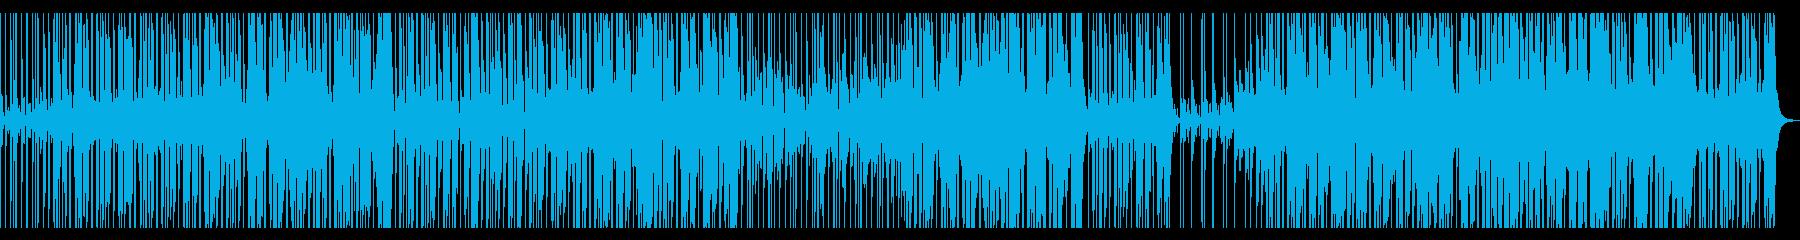 スローテンポのファンクロックインストの再生済みの波形